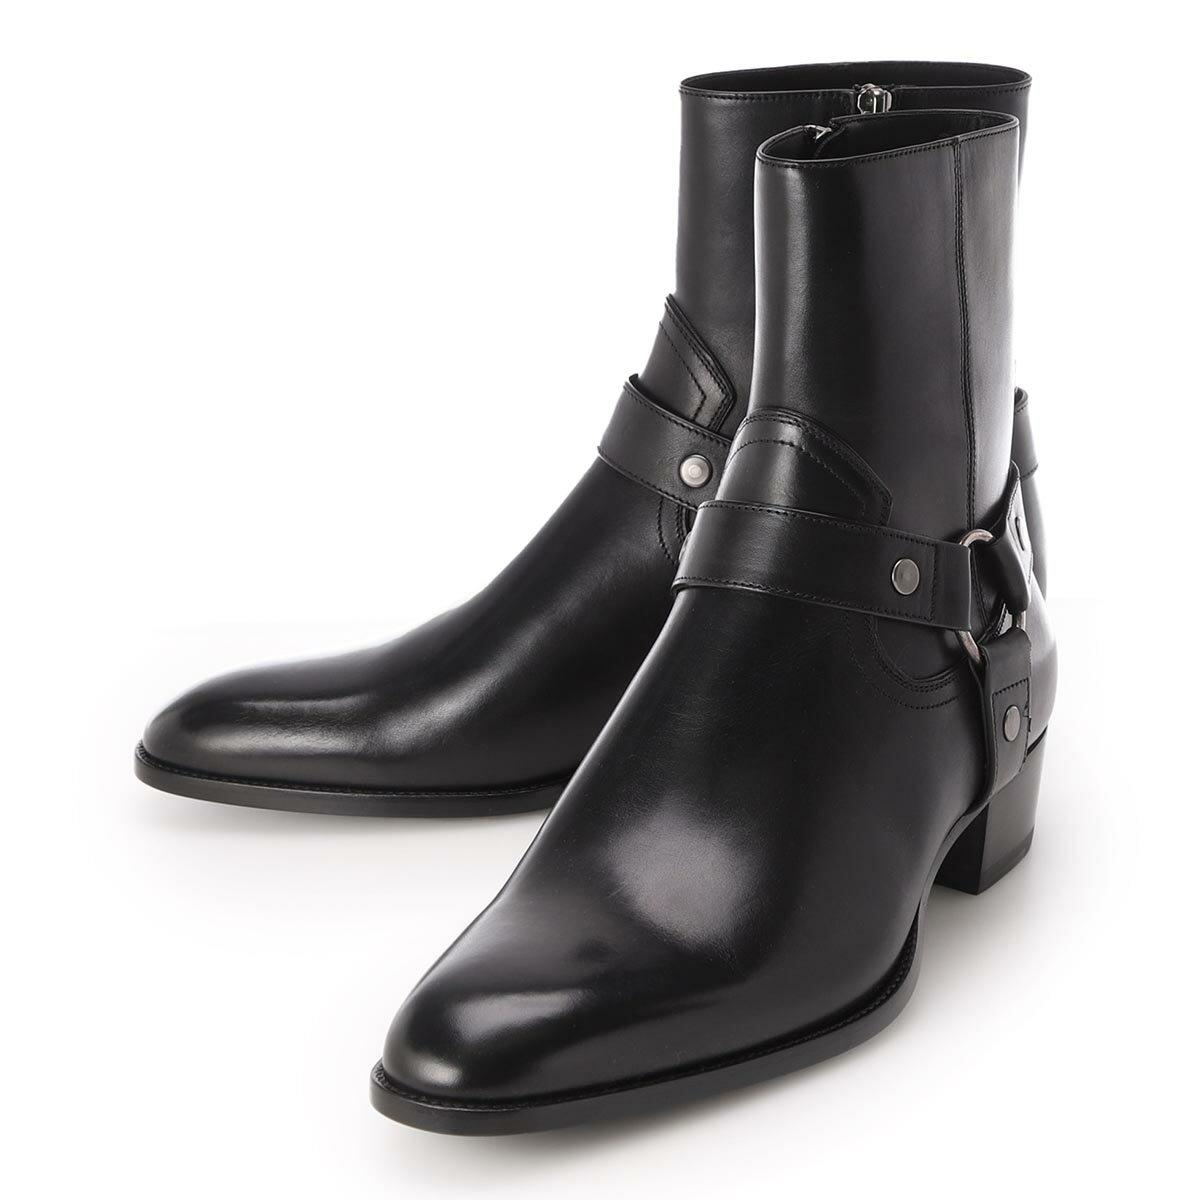 メンズ靴, その他  SAINT LAURENT 634225 1yl00 1000 WYATT HARNESS BOOTS2021AW